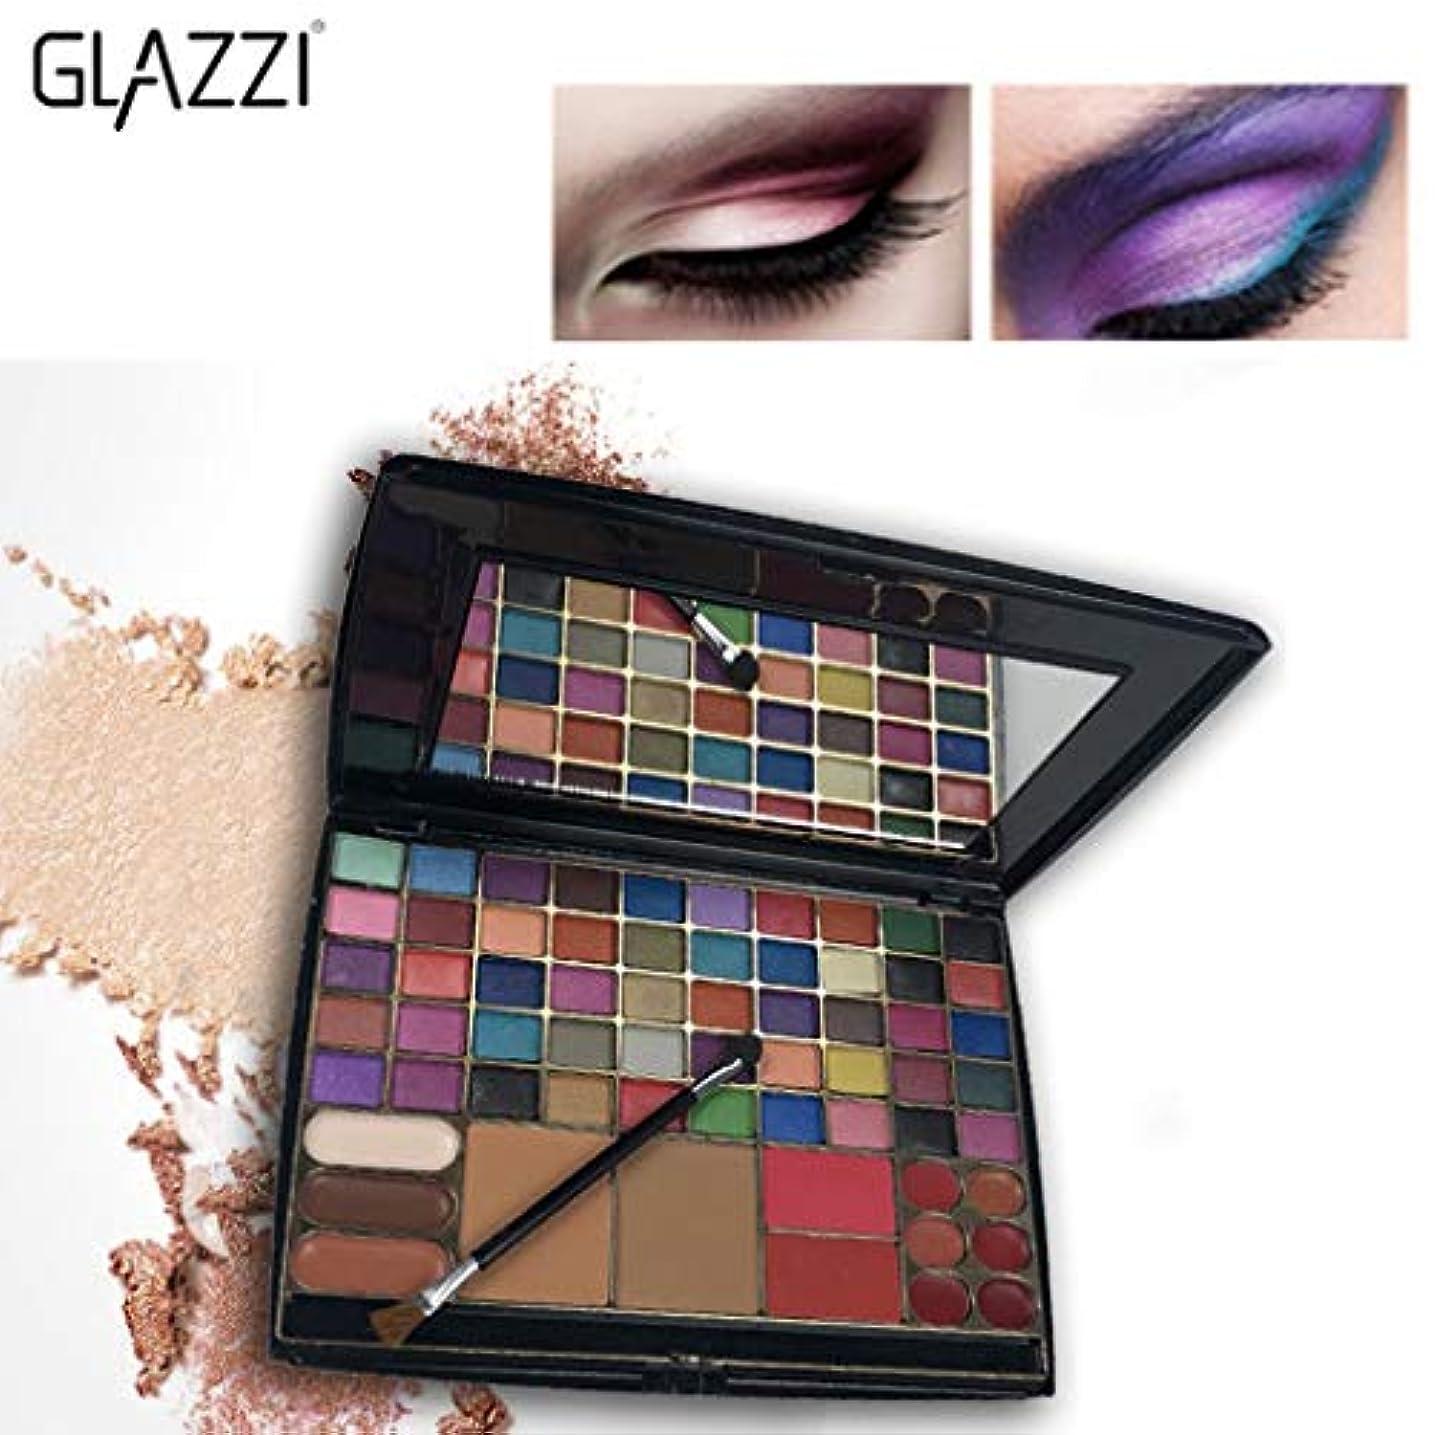 奇跡的な食い違いジムAkane アイシャドウパレット GLAZZI 人気 超魅力的 気質的 綺麗 おしゃれ 防水 クリーム ブラシ付き 長持ち チャーム 持ち便利 Eye Shadow (63色) GZ8040062